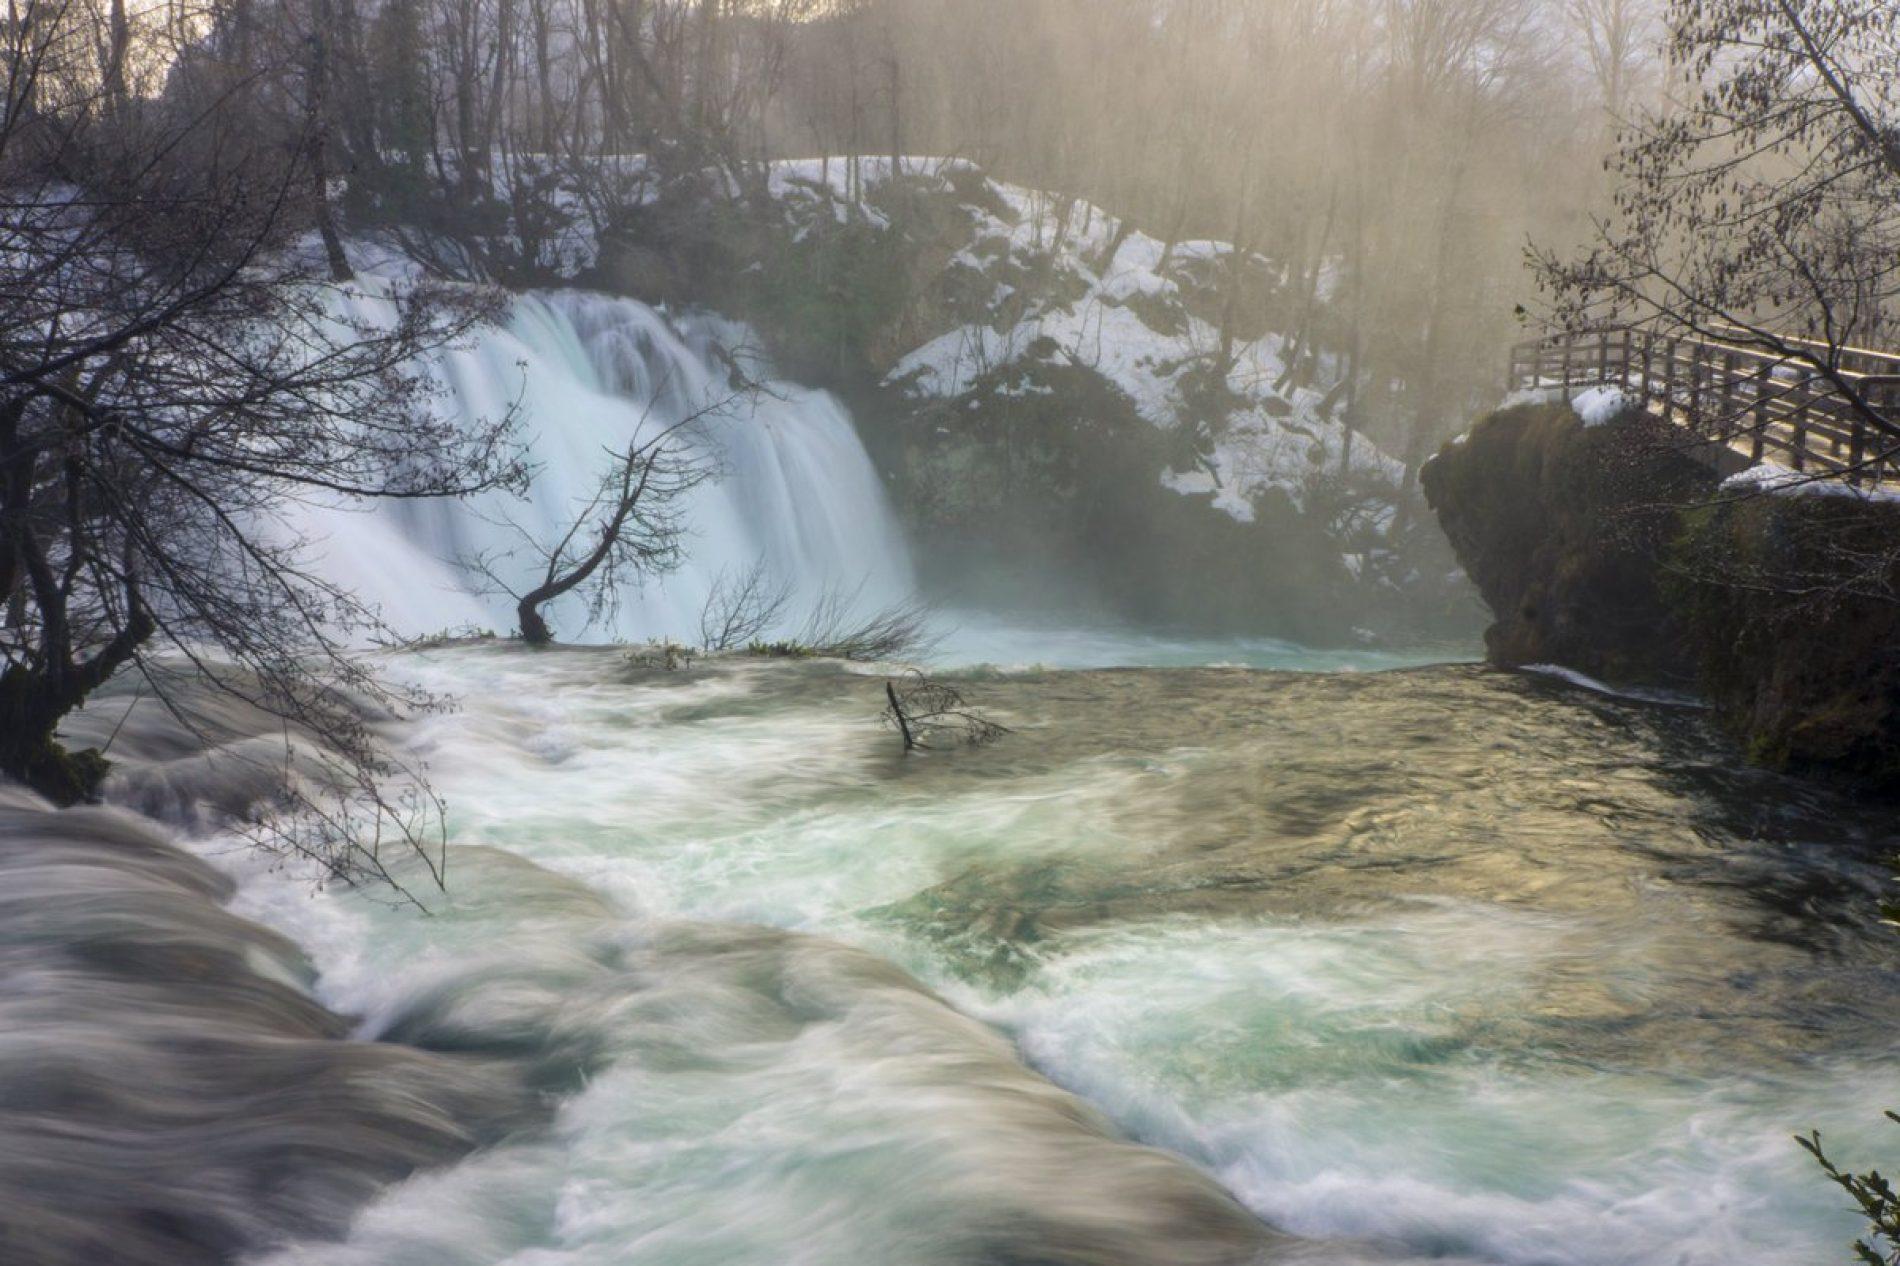 Ljepote Bosne u zimskom periodu: Martin Brod u snježnom ruhu oduševljava posjetioce